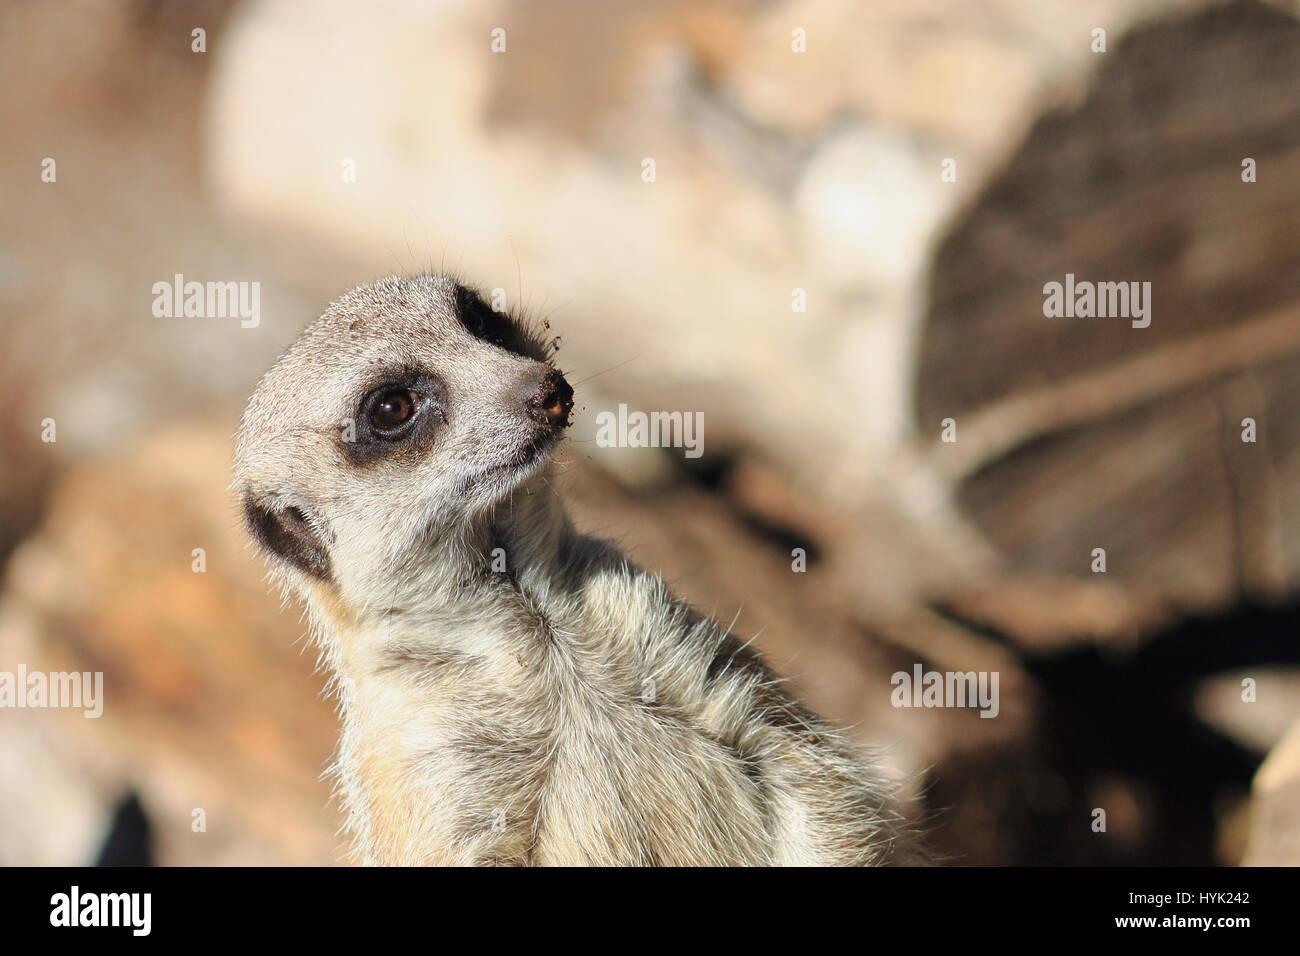 The meerkat or suricate (Suricata suricatta) is a small carnivoran  belonging to the mongoose family - Orana Wildlife - Stock Image